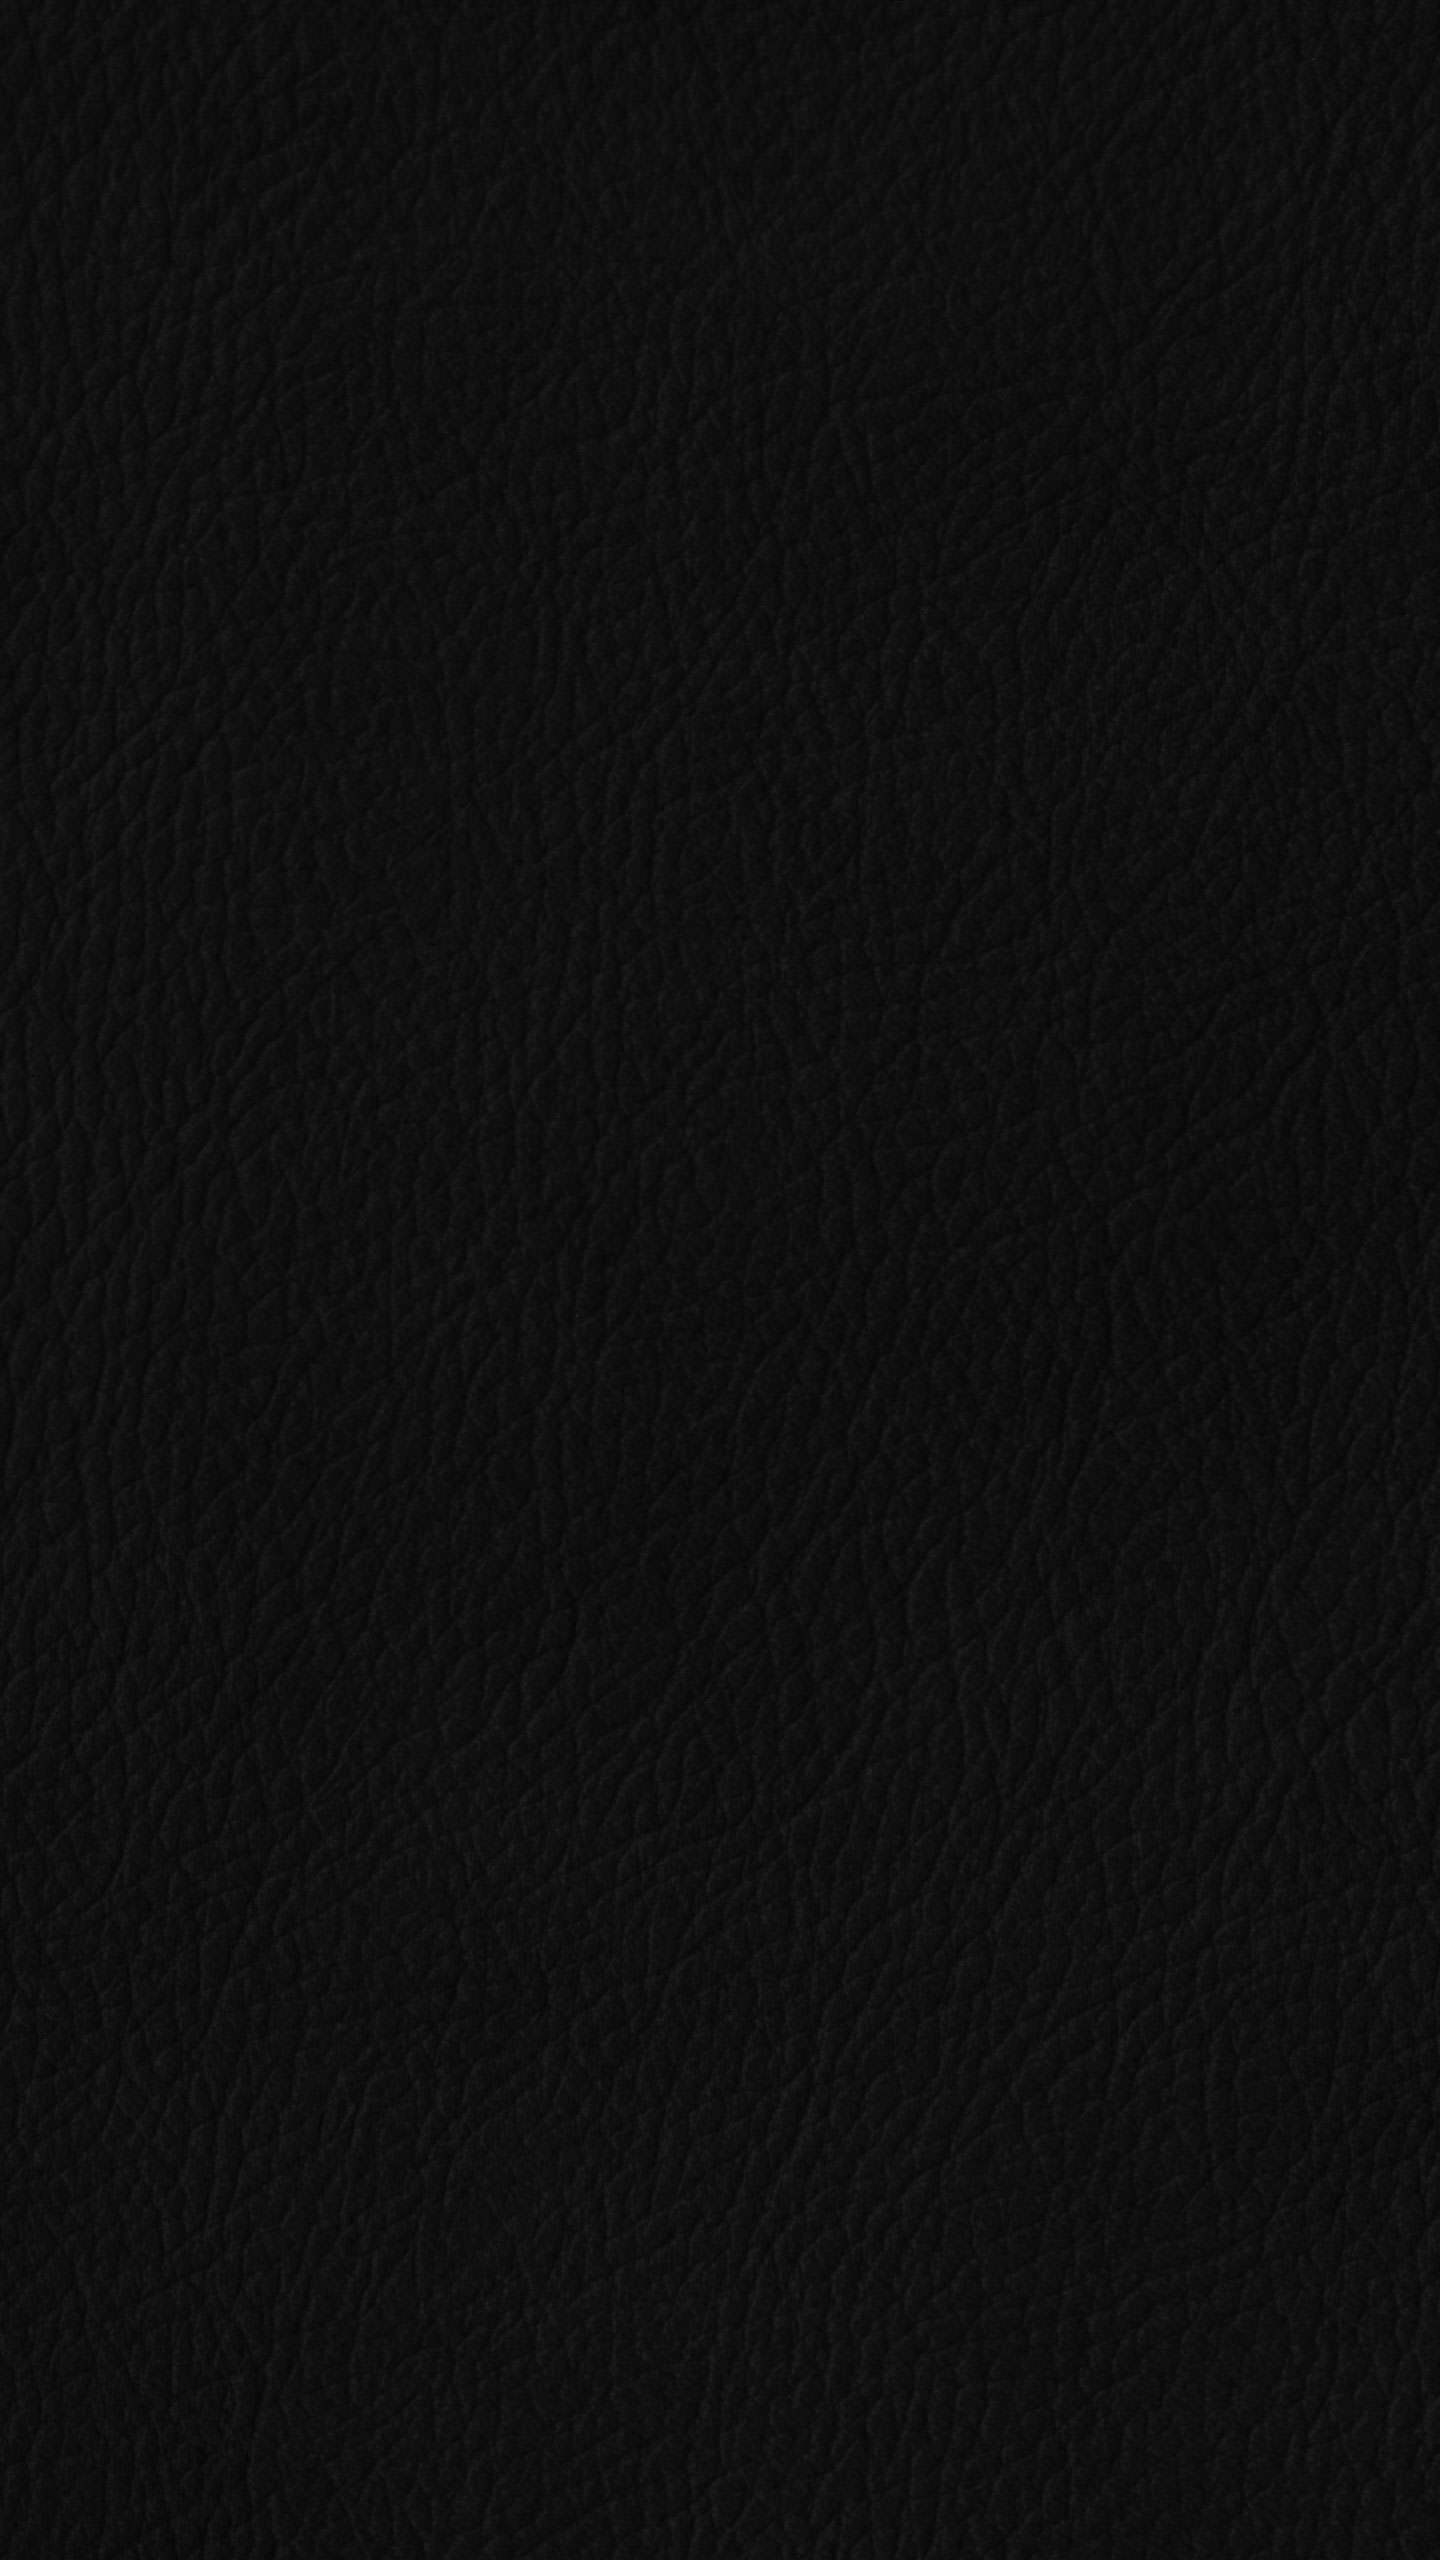 2019年の最高 黒 スマホ 壁紙 最高の無料壁紙 Hd